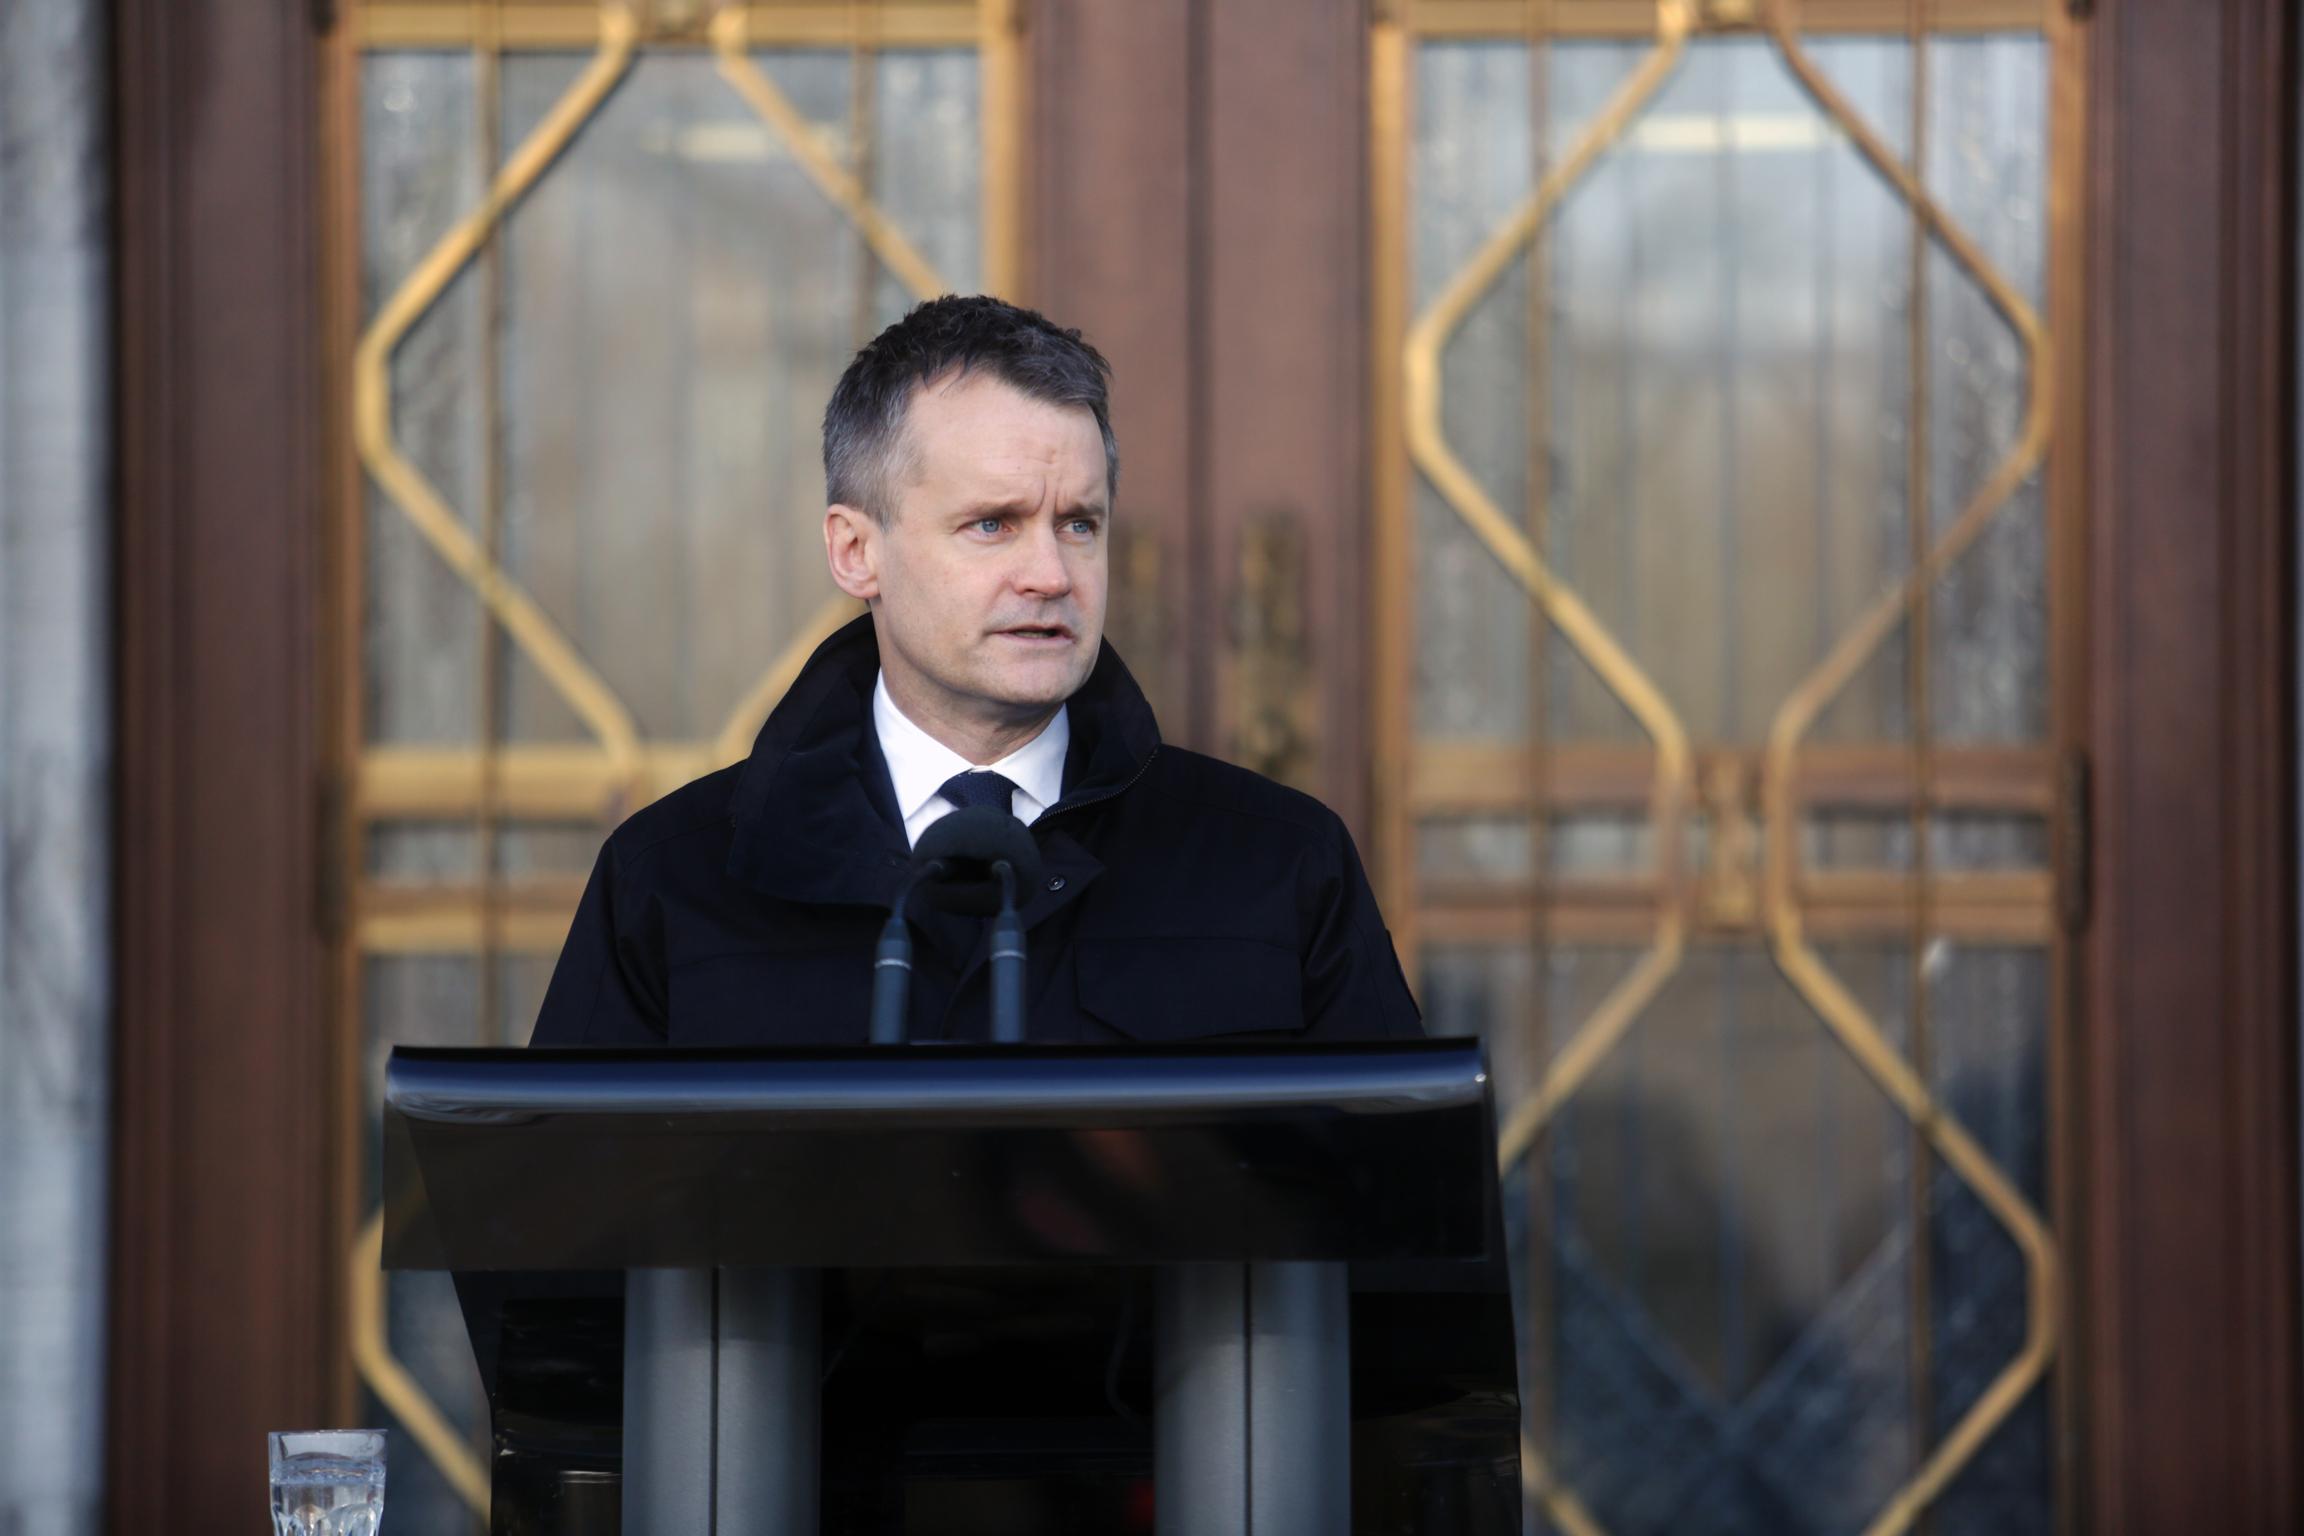 Canada files brief in U.S. federal court over Line 5 dispute